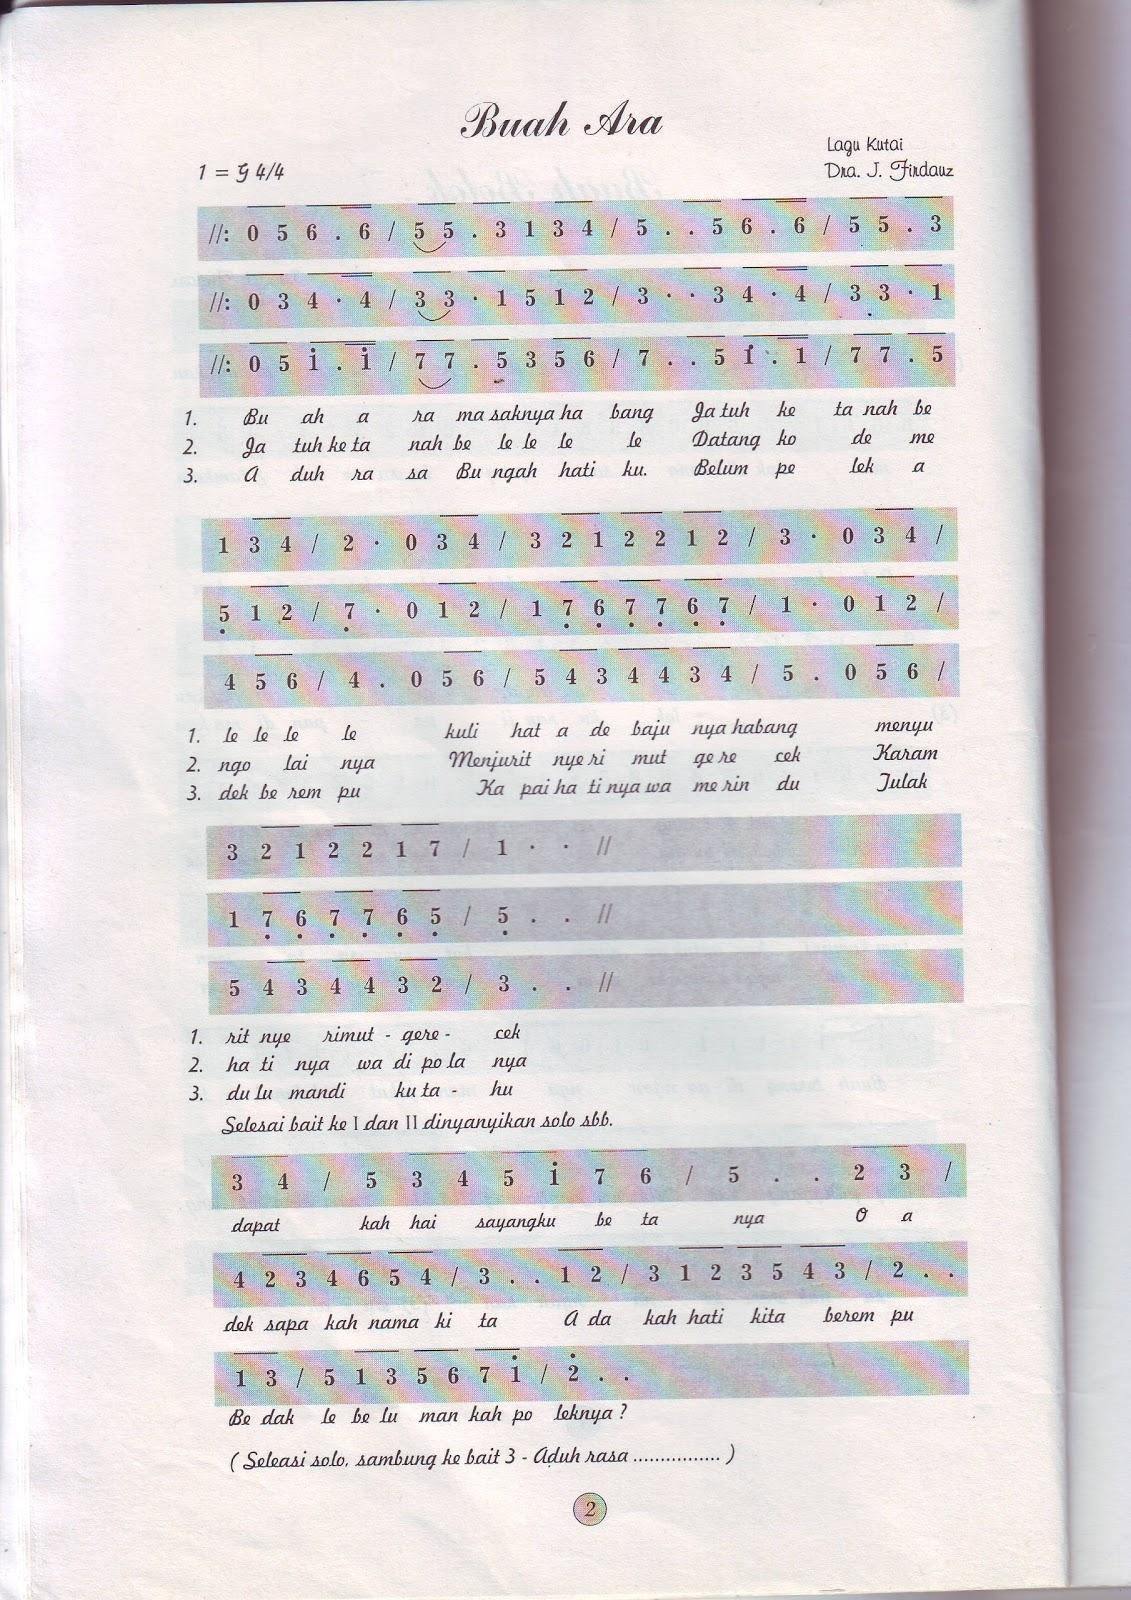 Lirik Lagu Daerah Tradisional Liriklaguindonesianet